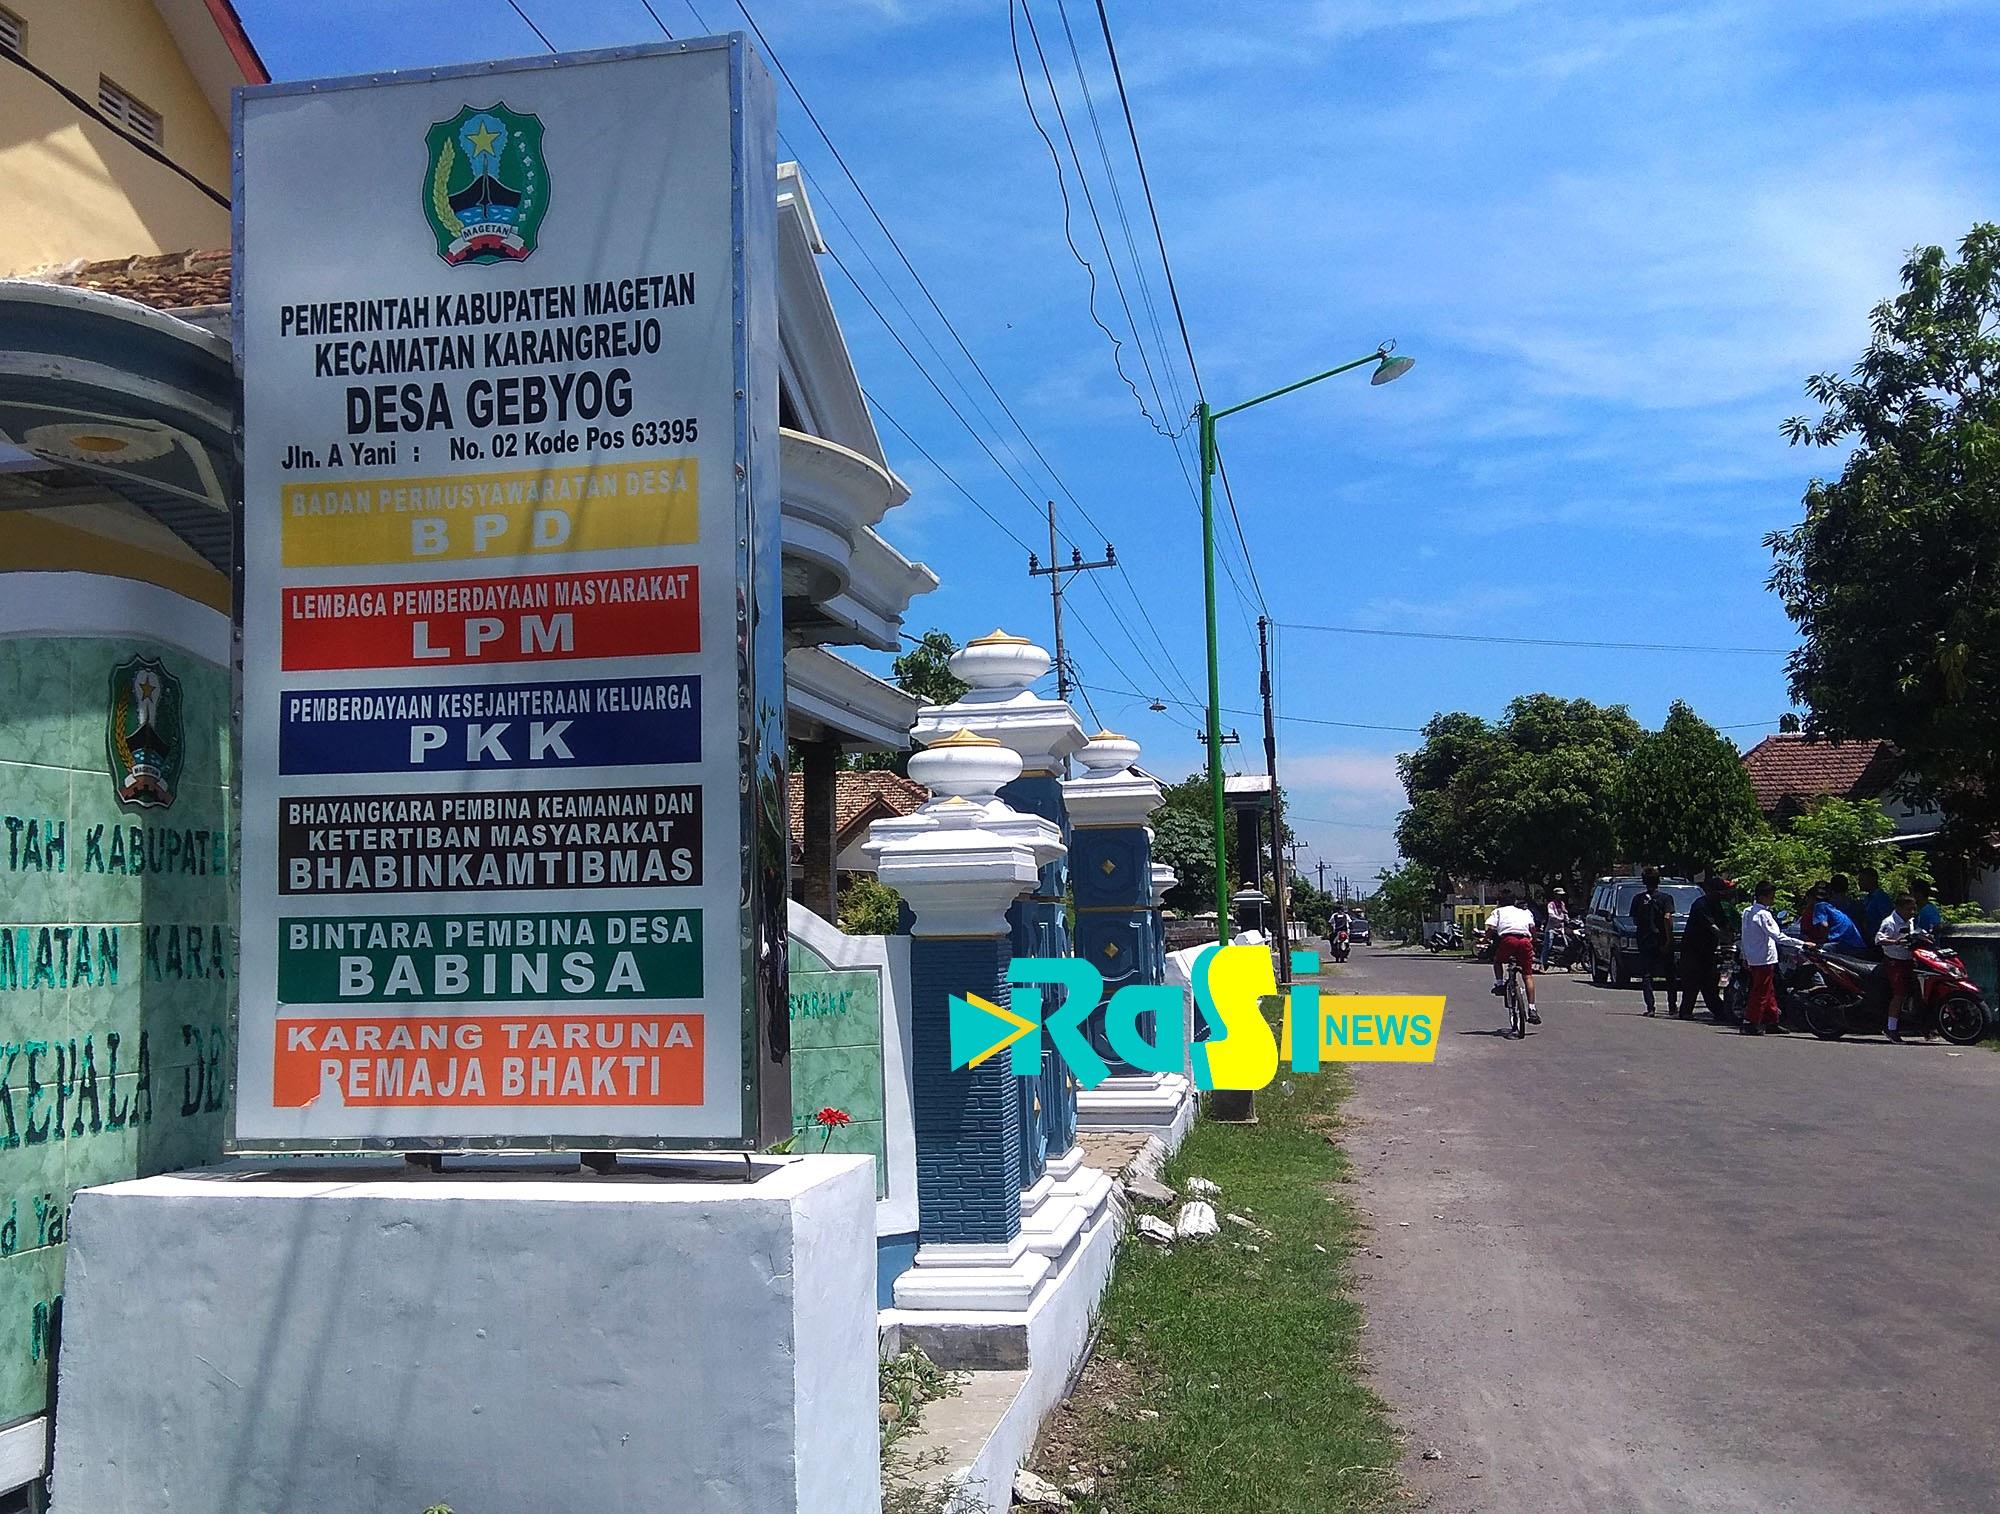 Warga Tidak Mampu Desa Gebyog Akan Bisa Menikmati Harga LPG 3 Kilogram Seharga Rp 16.000.